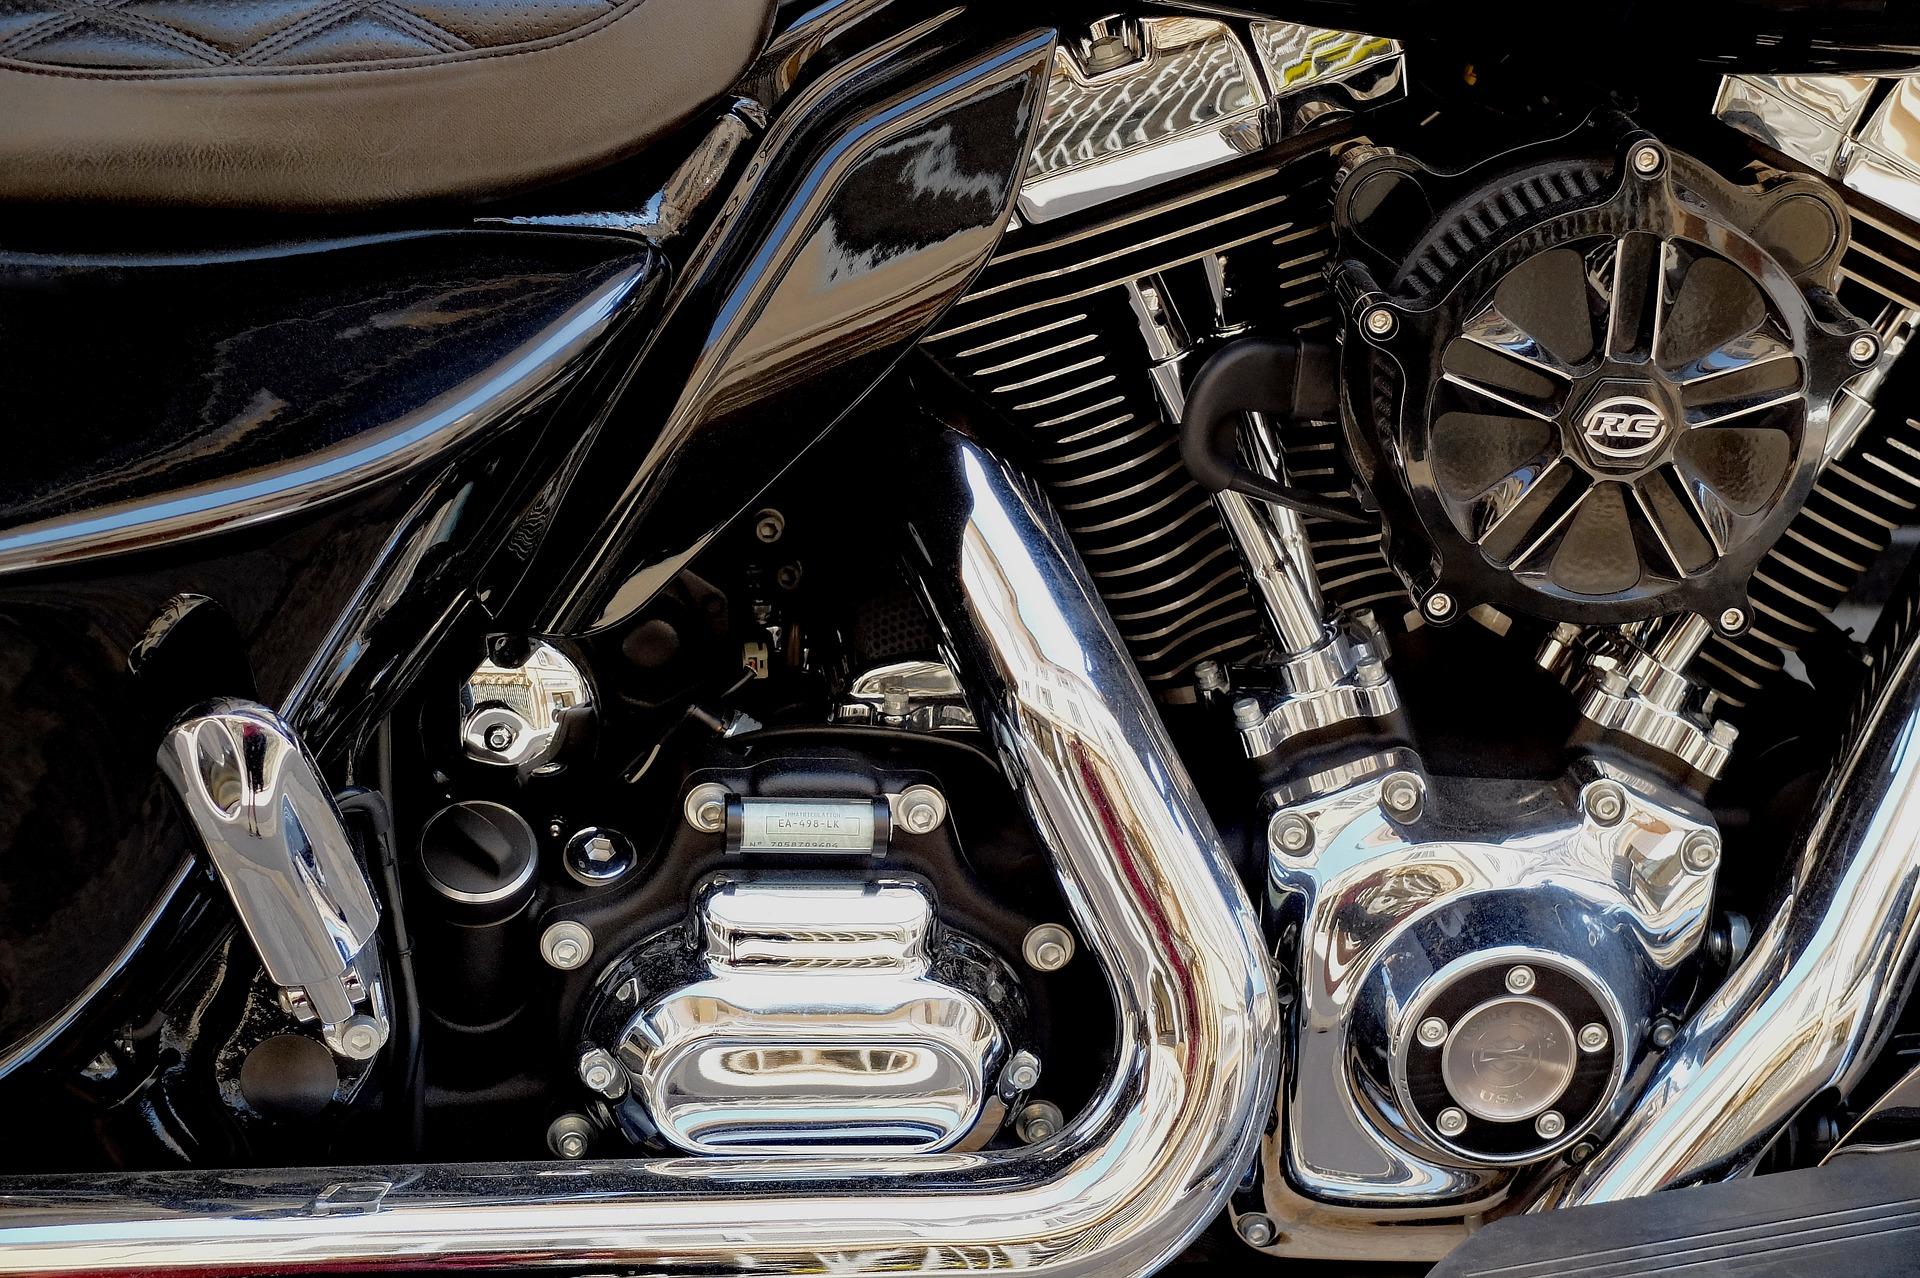 motorcycle-3339643_1920.jpg